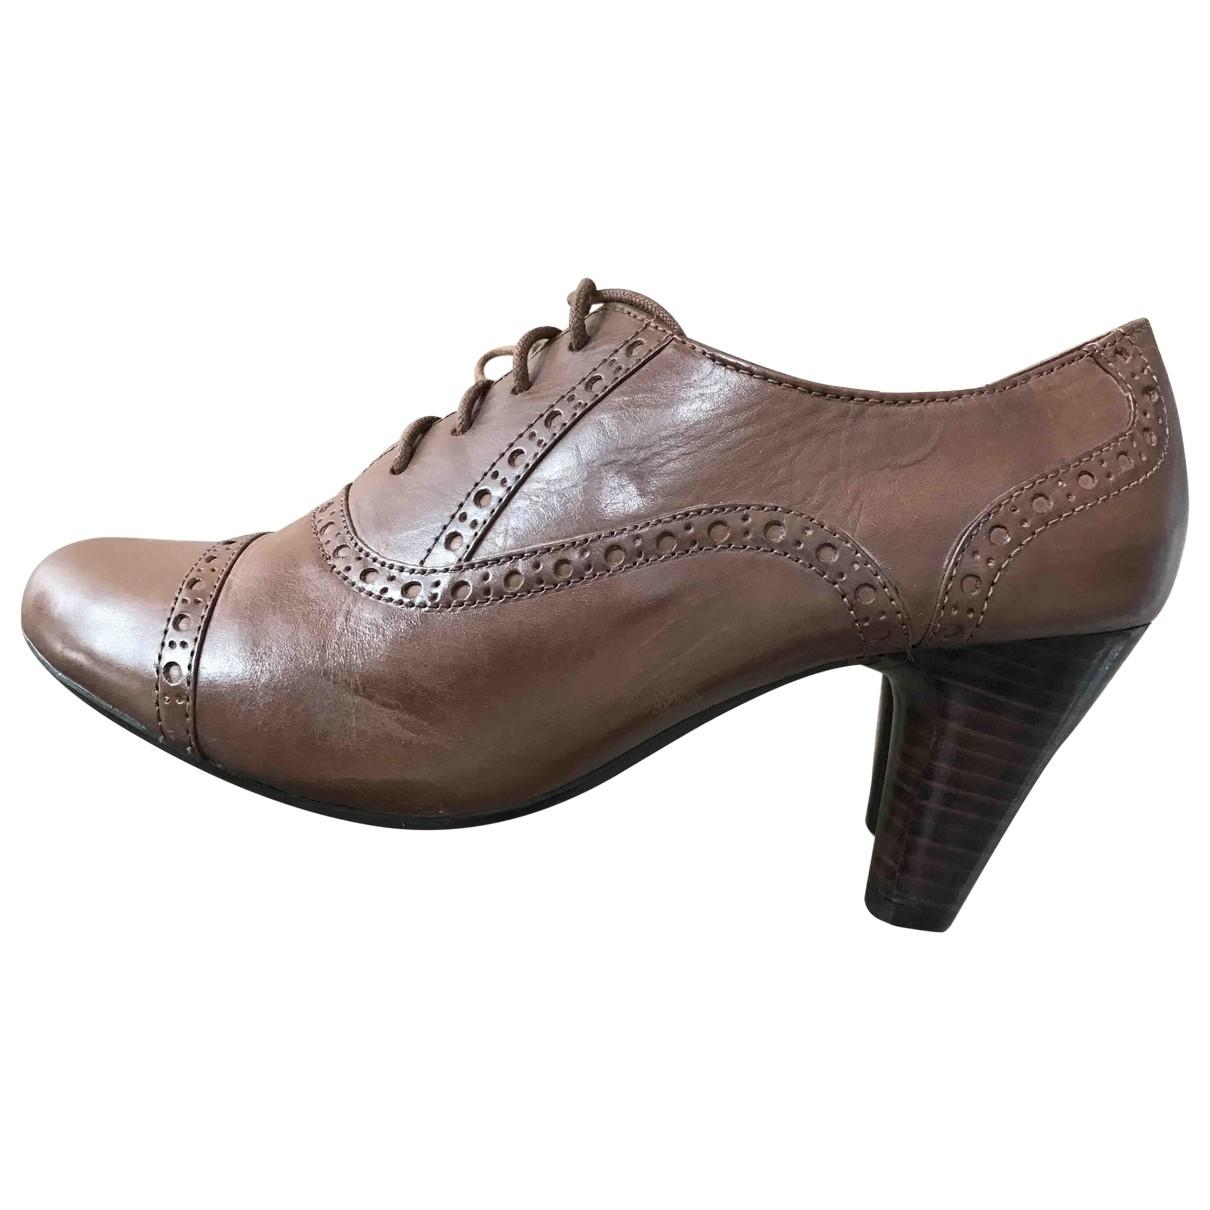 Clarks - Escarpins   pour femme en cuir - marron